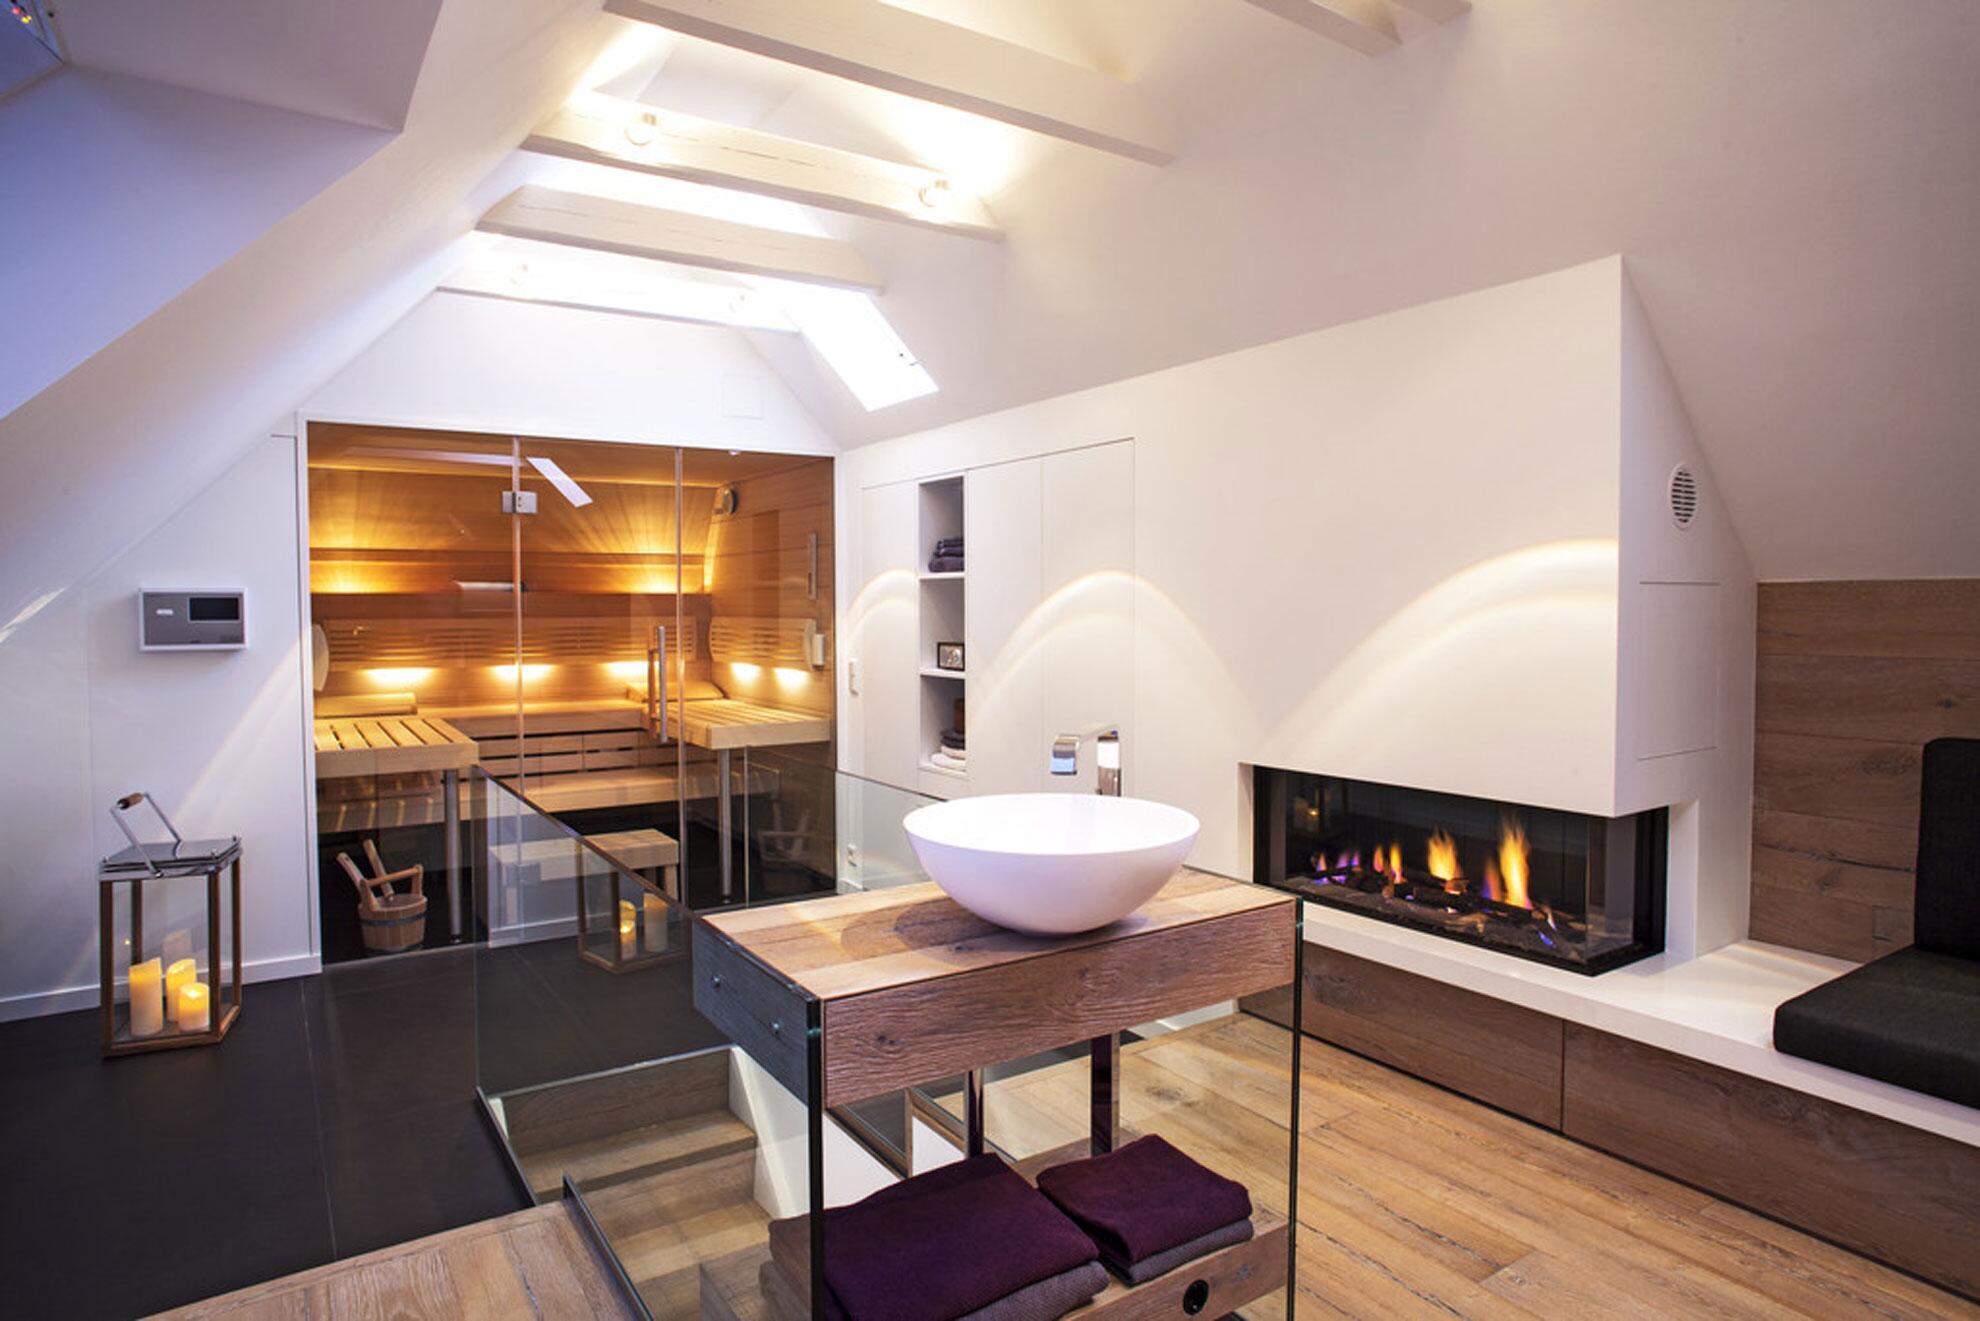 wohnzimmer chalet stil:Chalet Stil im Badezimmer: Aufgrund des stimmigen Designs hält man